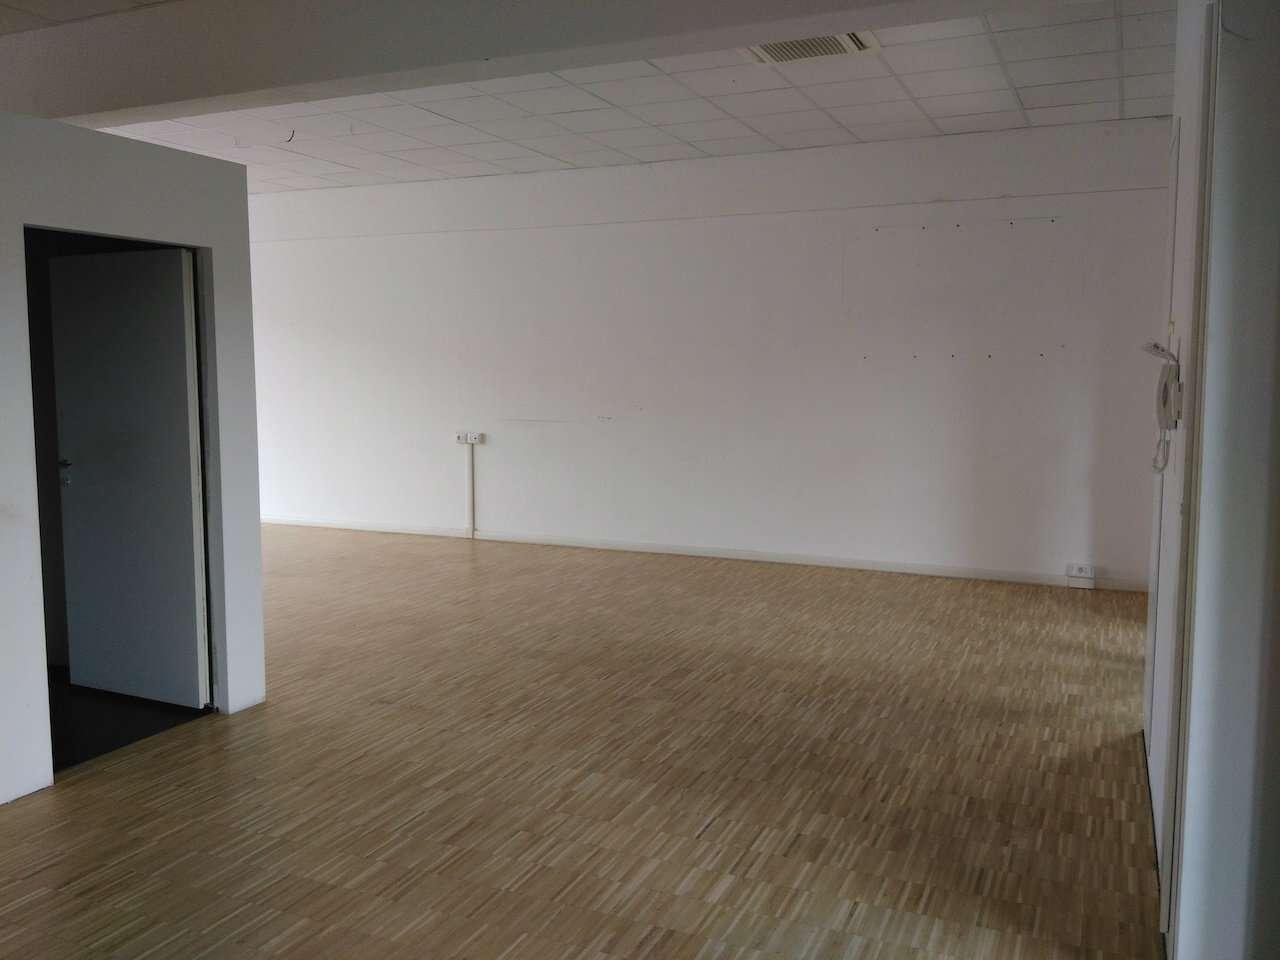 Ufficio-studio in Affitto a Milano 16 Savona / San Cristoforo / Napoli / Coni Zugna: 1 locali, 20 mq